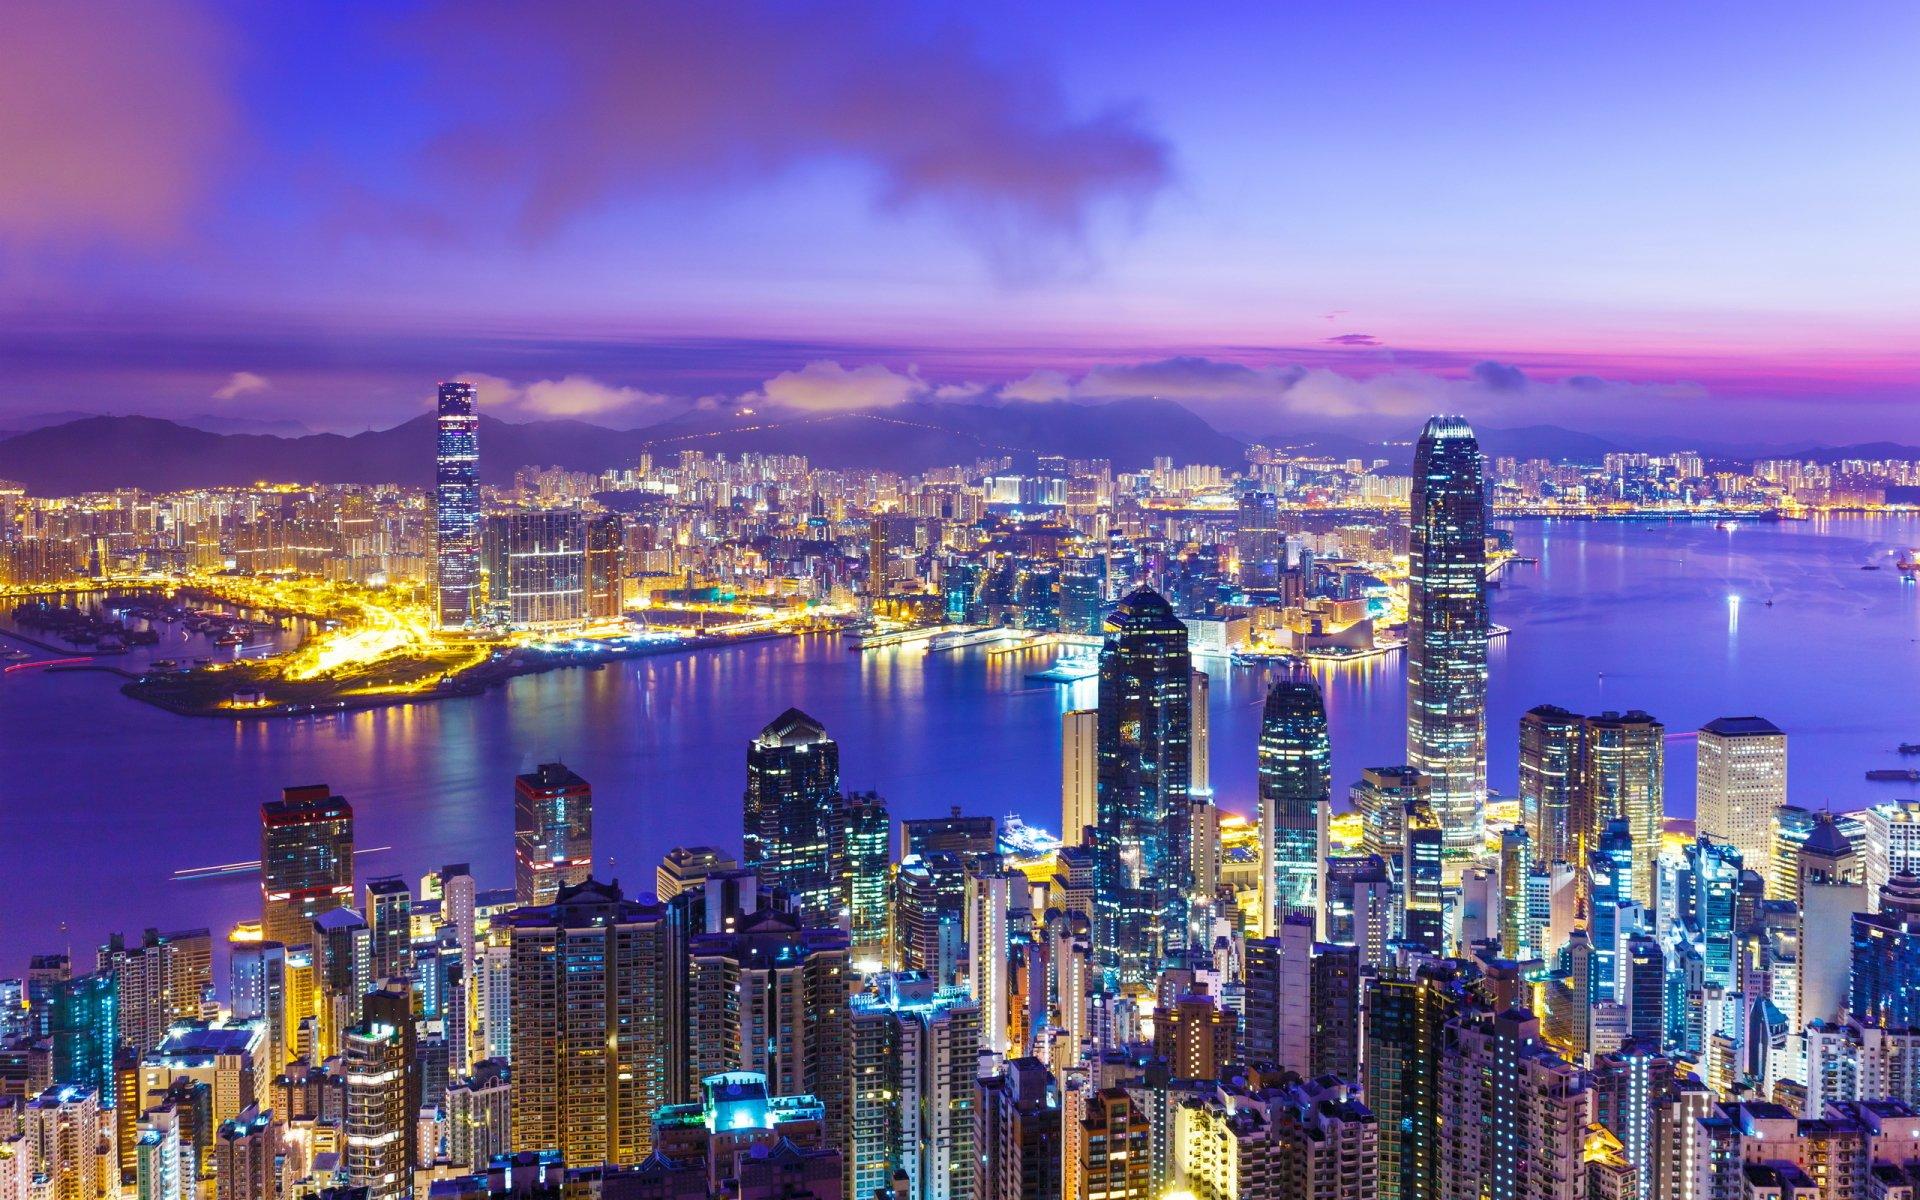 Hong Kong Wallpaper Iphone X Hong Kong Full Hd Fond D 233 Cran And Arri 232 Re Plan